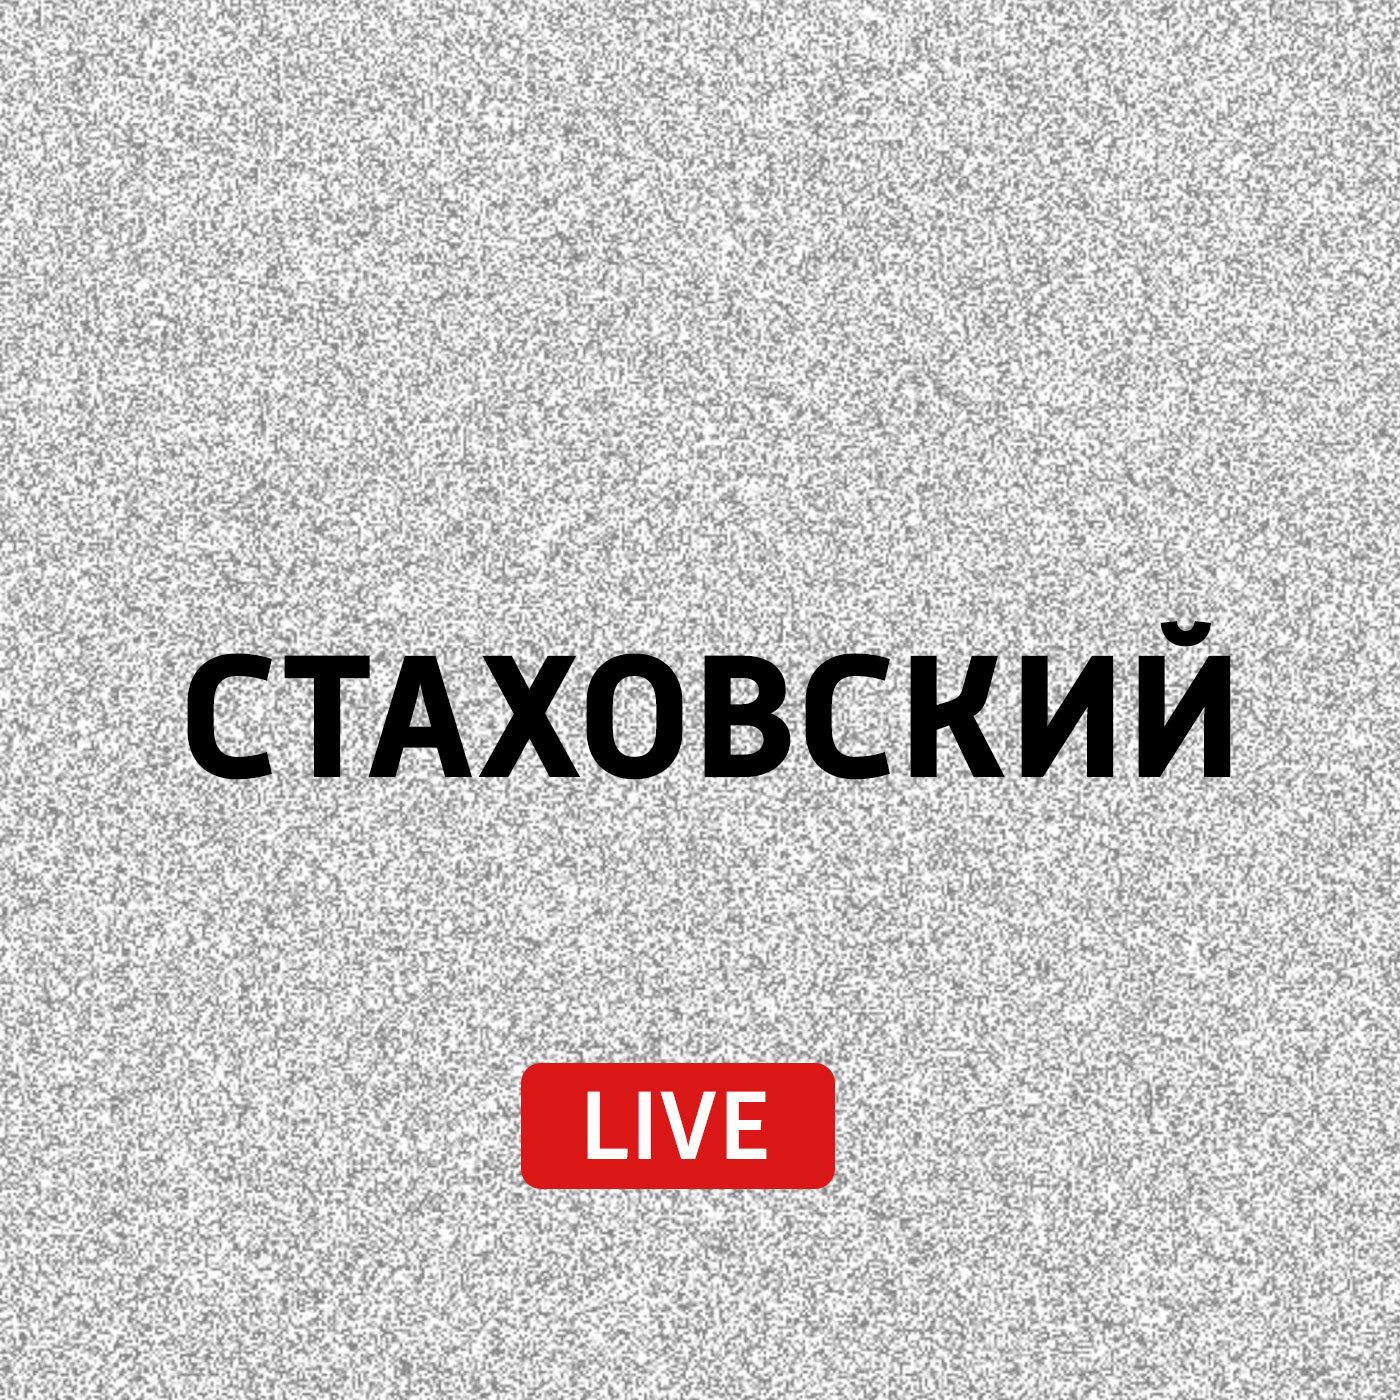 Евгений Стаховский Интервью Татьяны Шаманиной евгений стаховский интервью марины смирновой